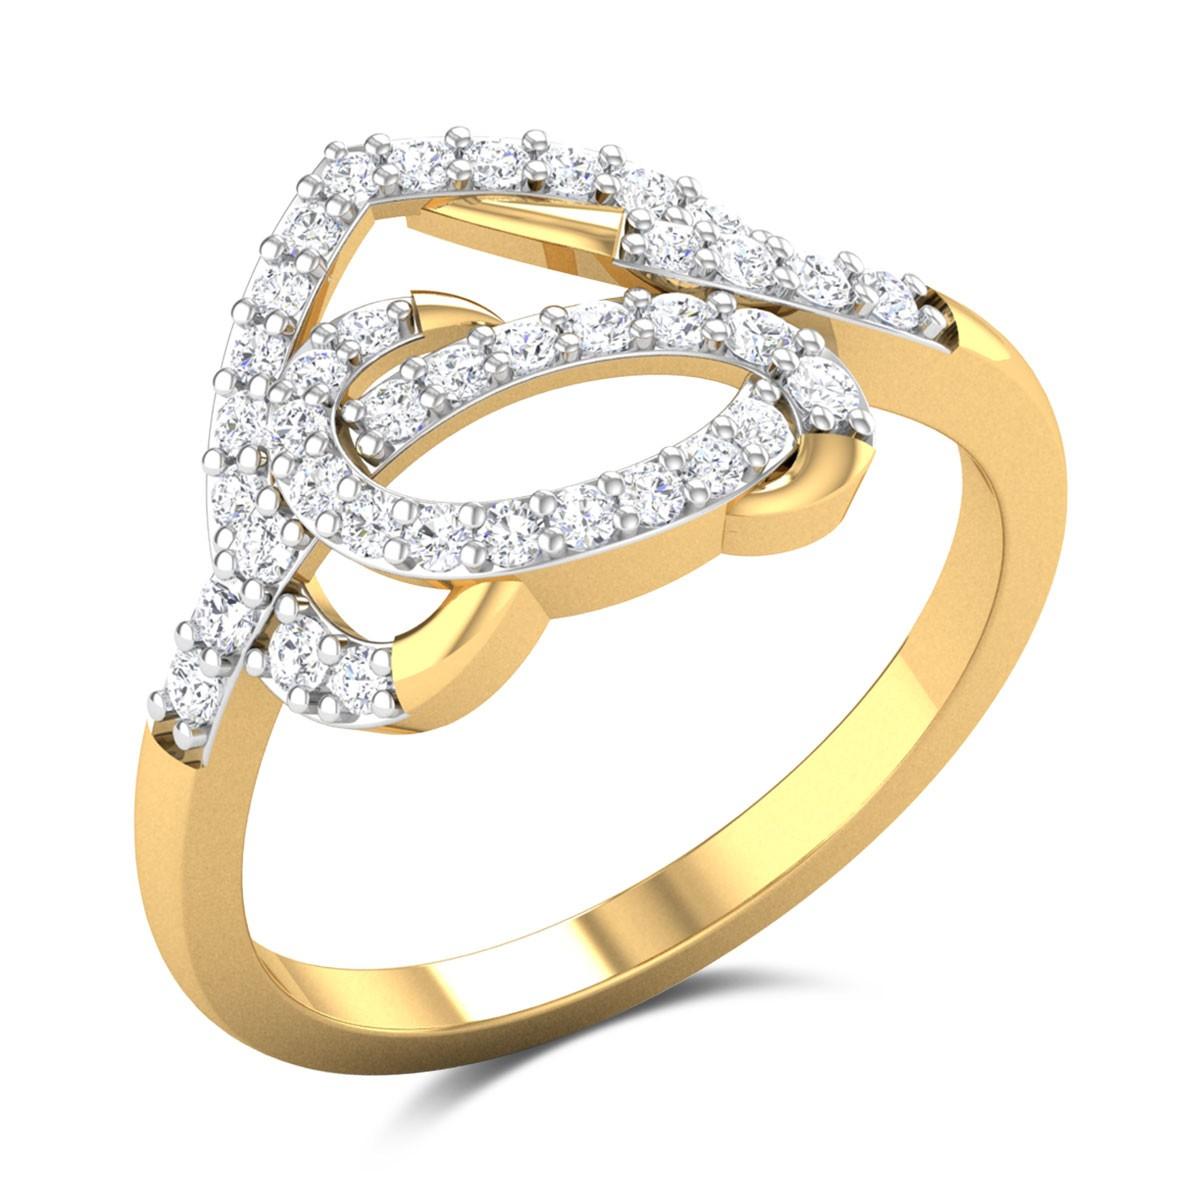 Candice Diamond Ring